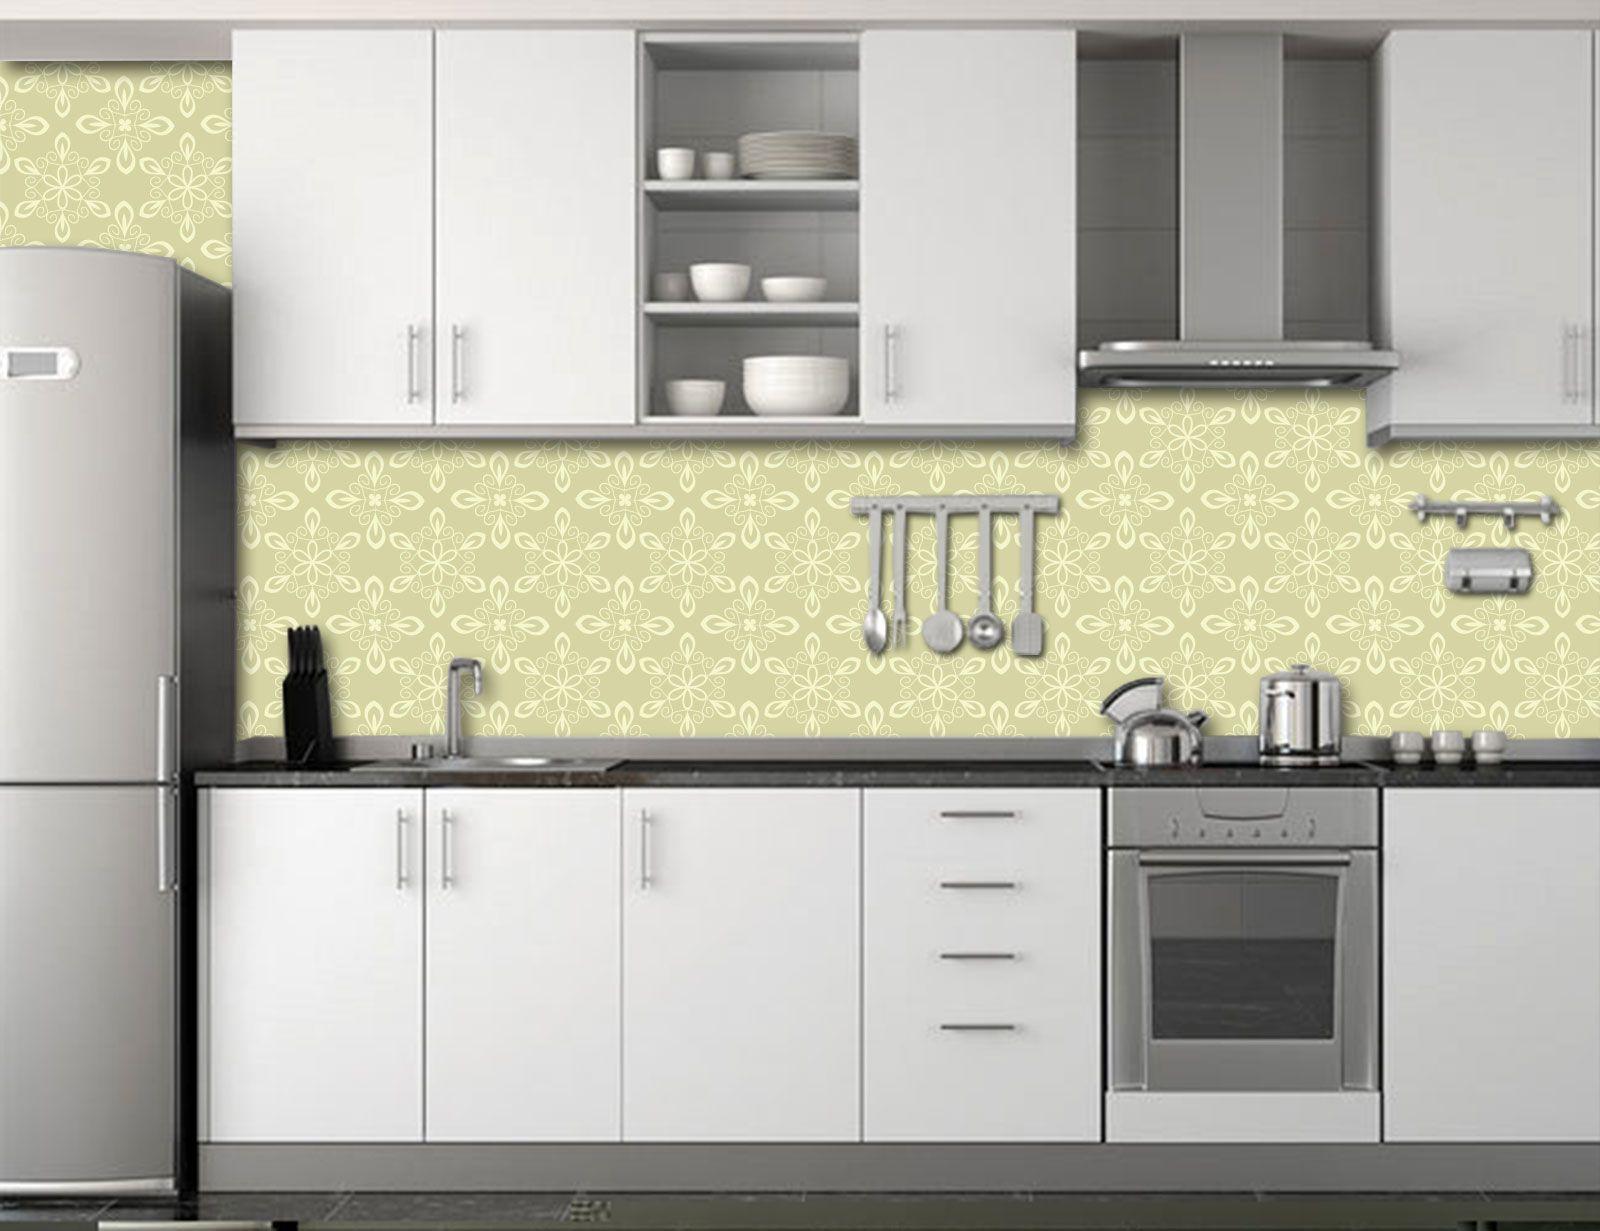 Papel de Parede para Cozinha Azulejos 0007 - Adesivos de Parede  - Paredes Decoradas